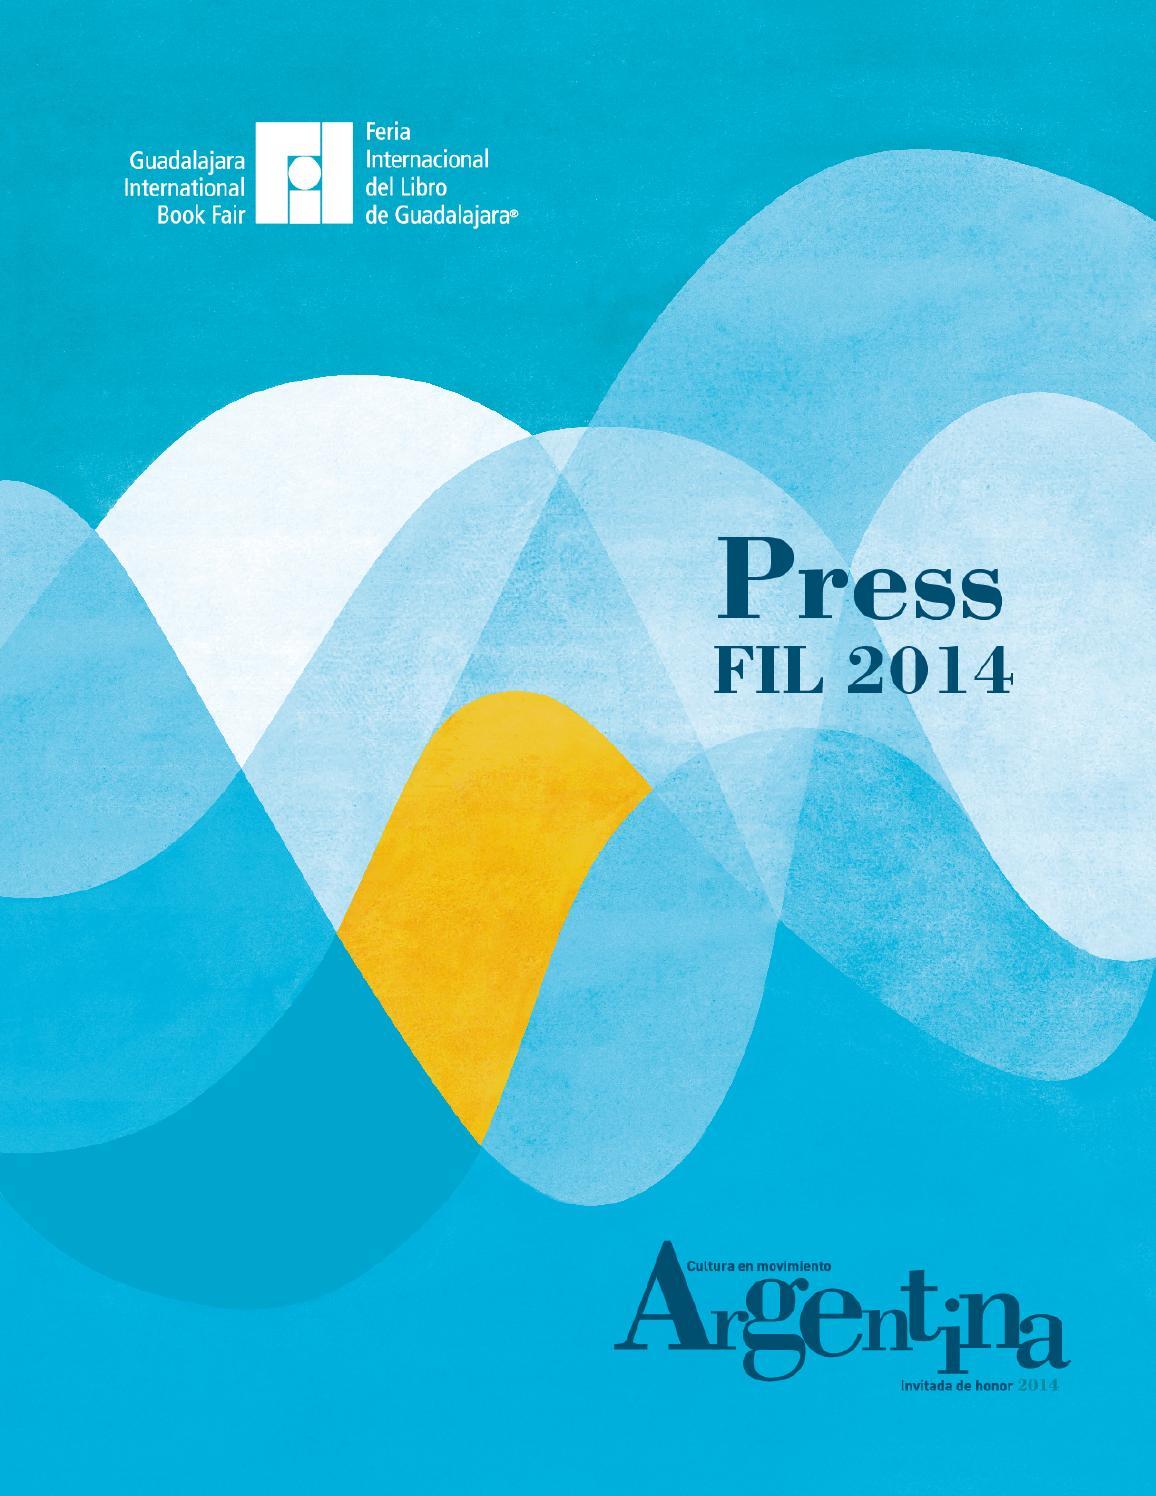 Selección de prensa 2014 inglés by Feria Internacional del Libro de  Guadalajara FIL - issuu 9a5ec7e6d25